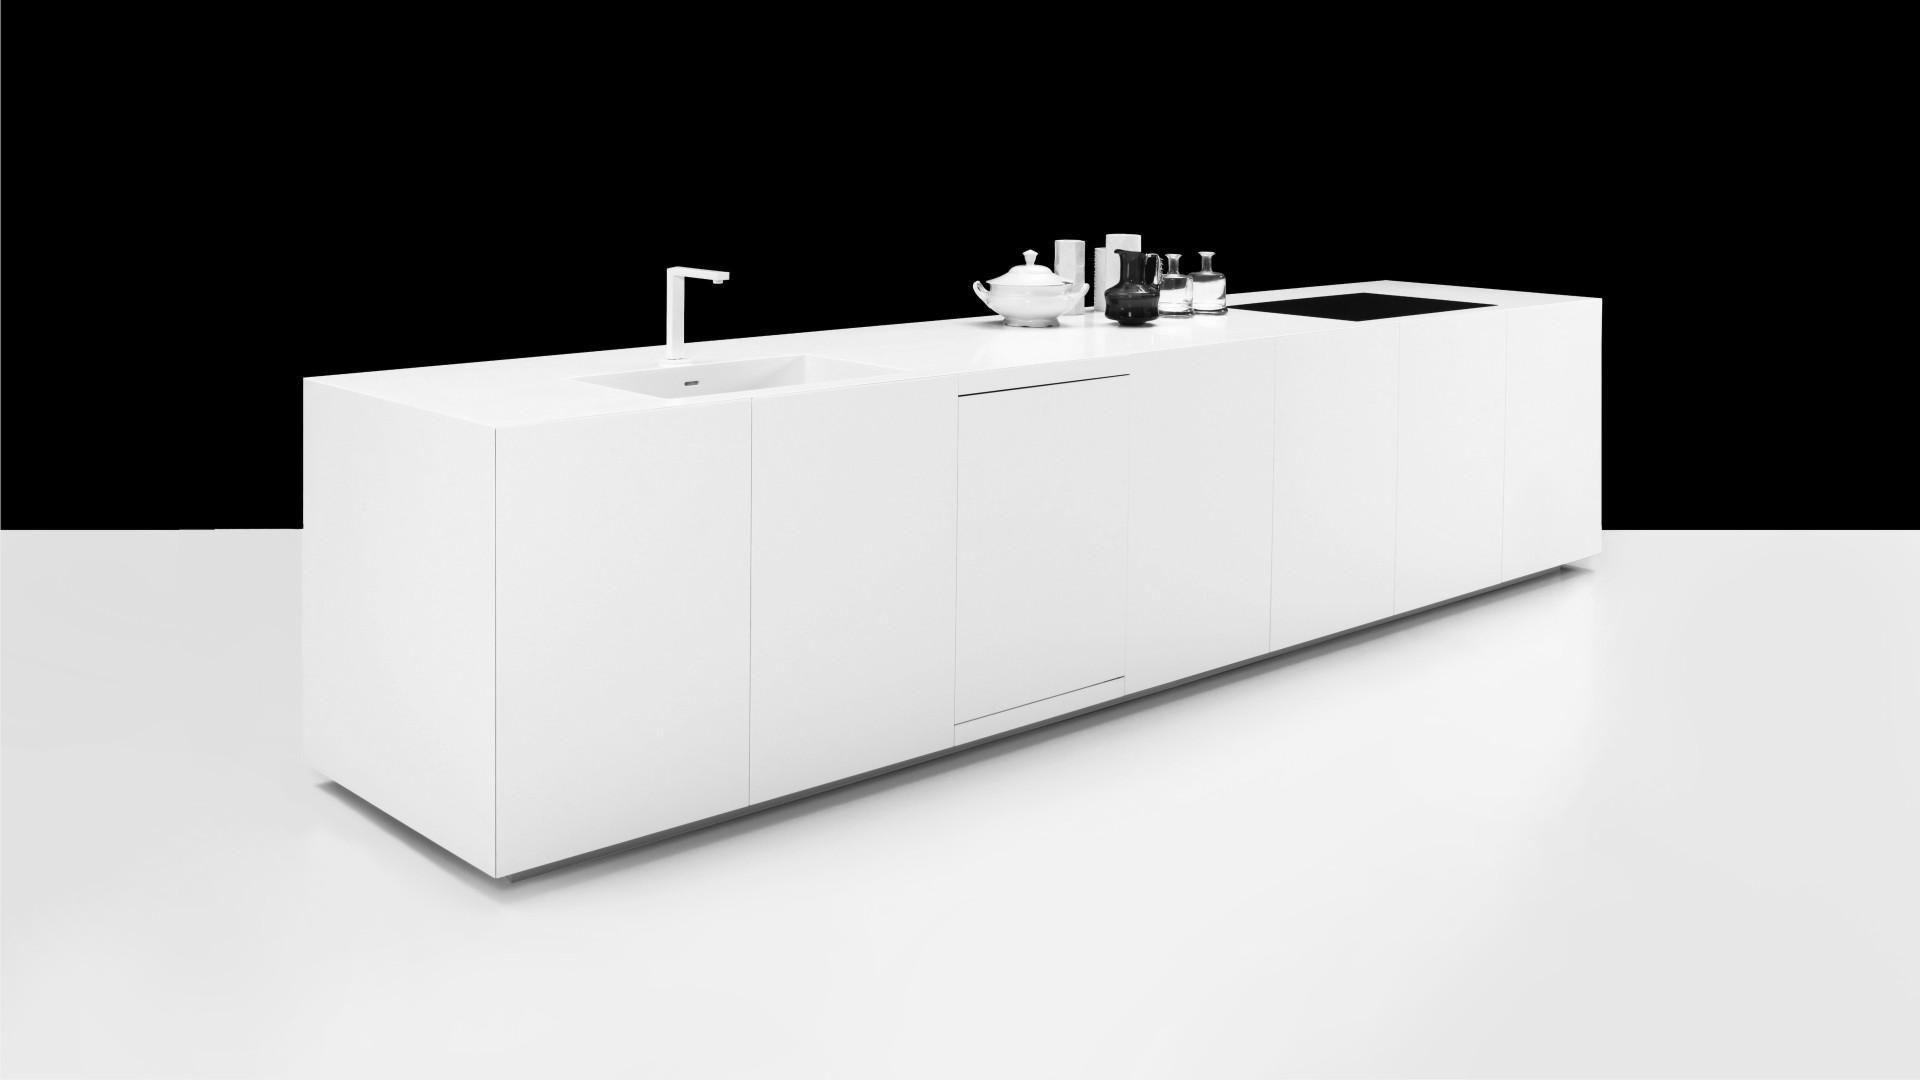 Design Cube Keuken : Designer nuuun cube kitchen island full corian g